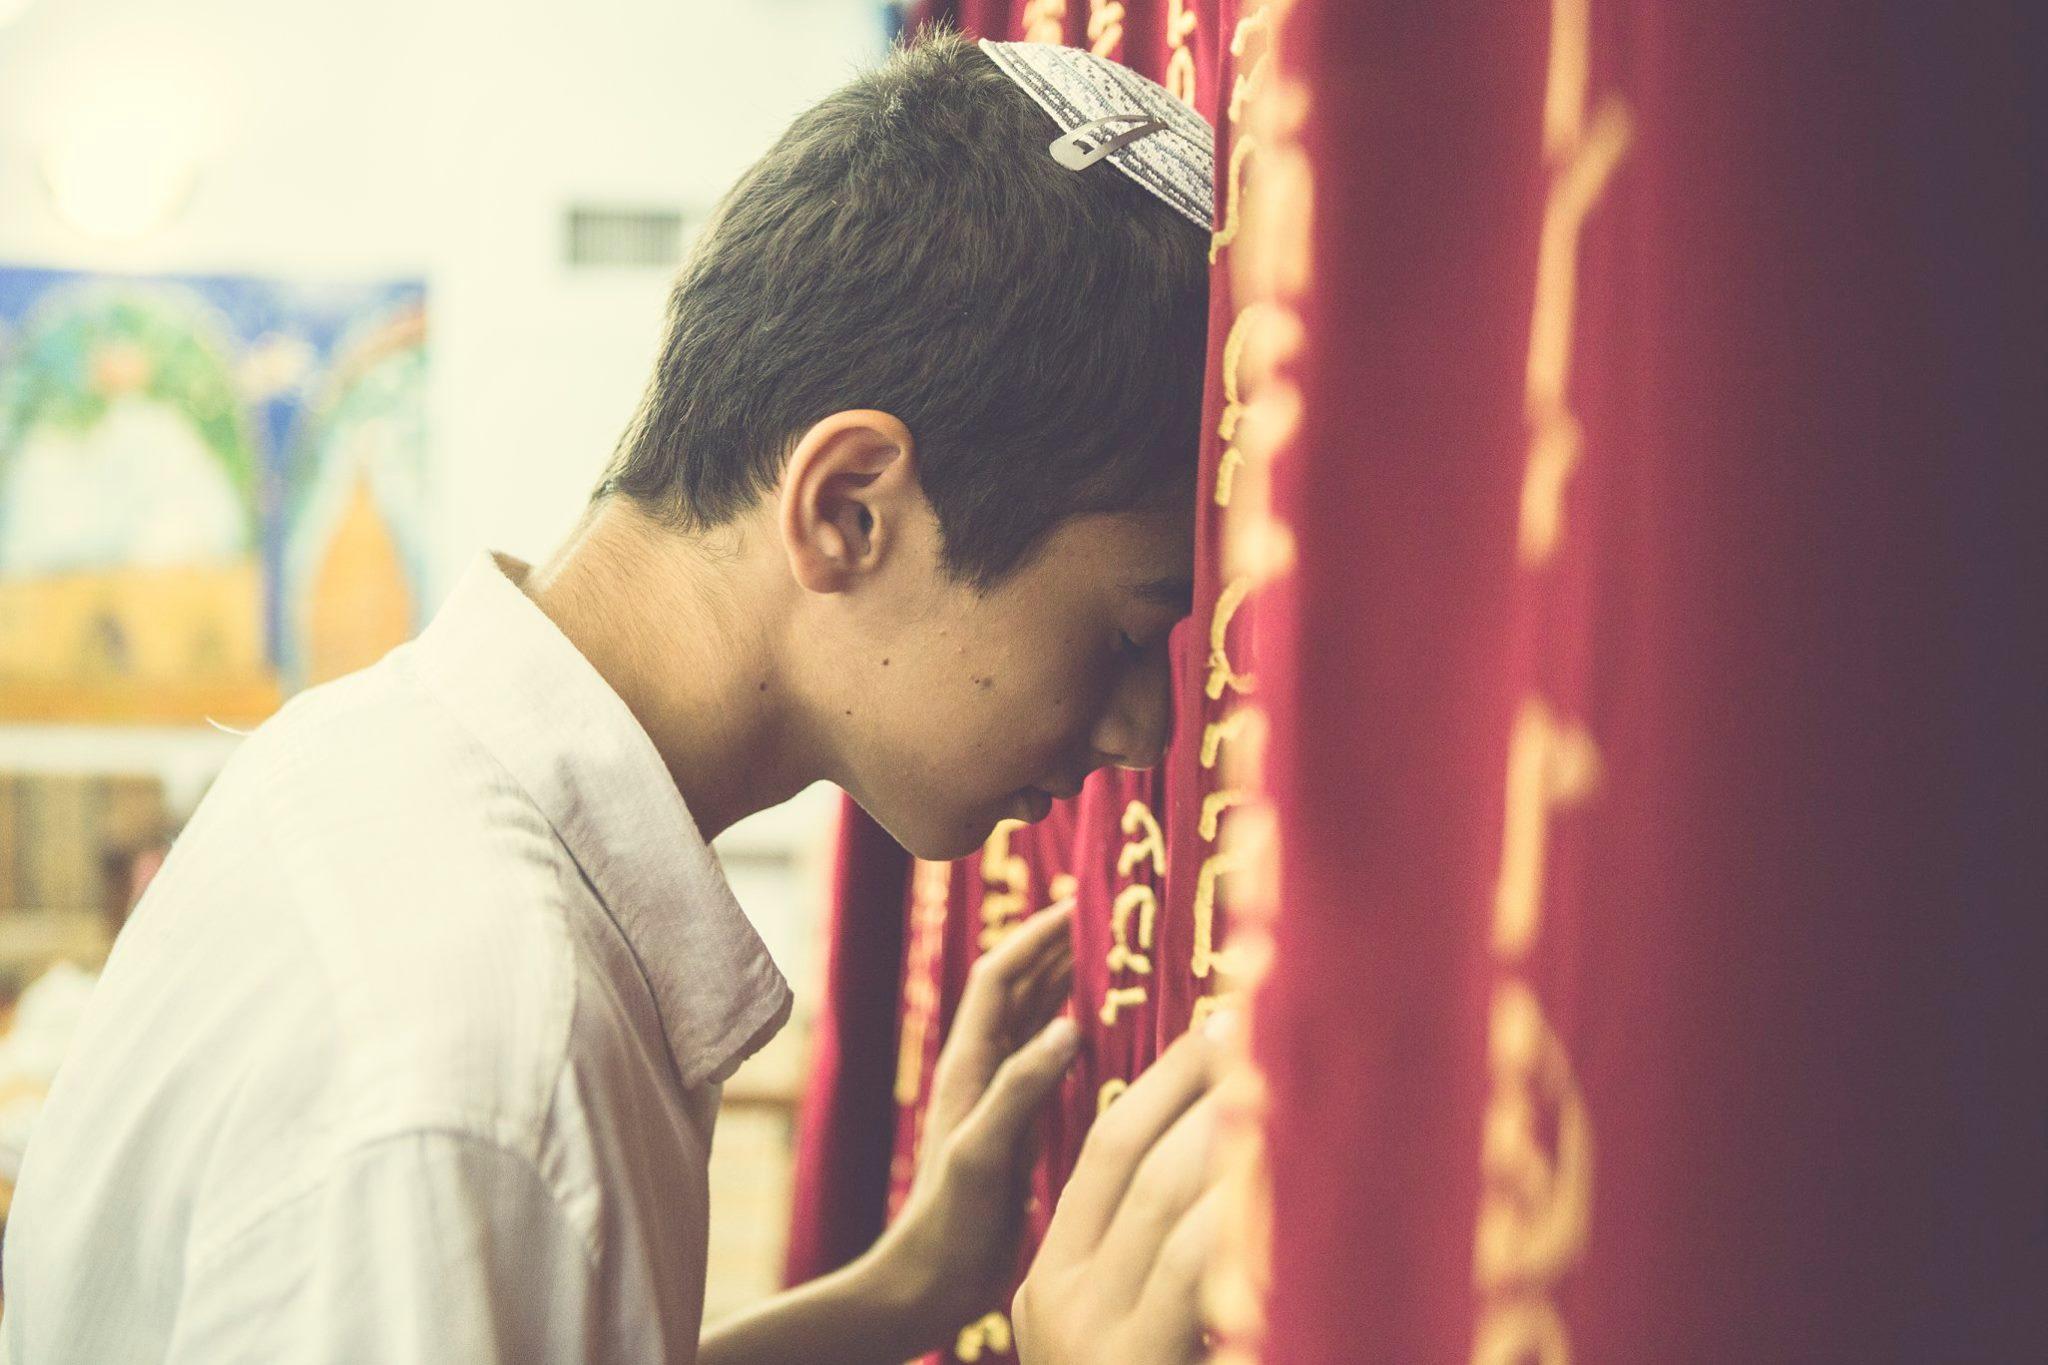 חתן בר המצווה בבית הכנסת